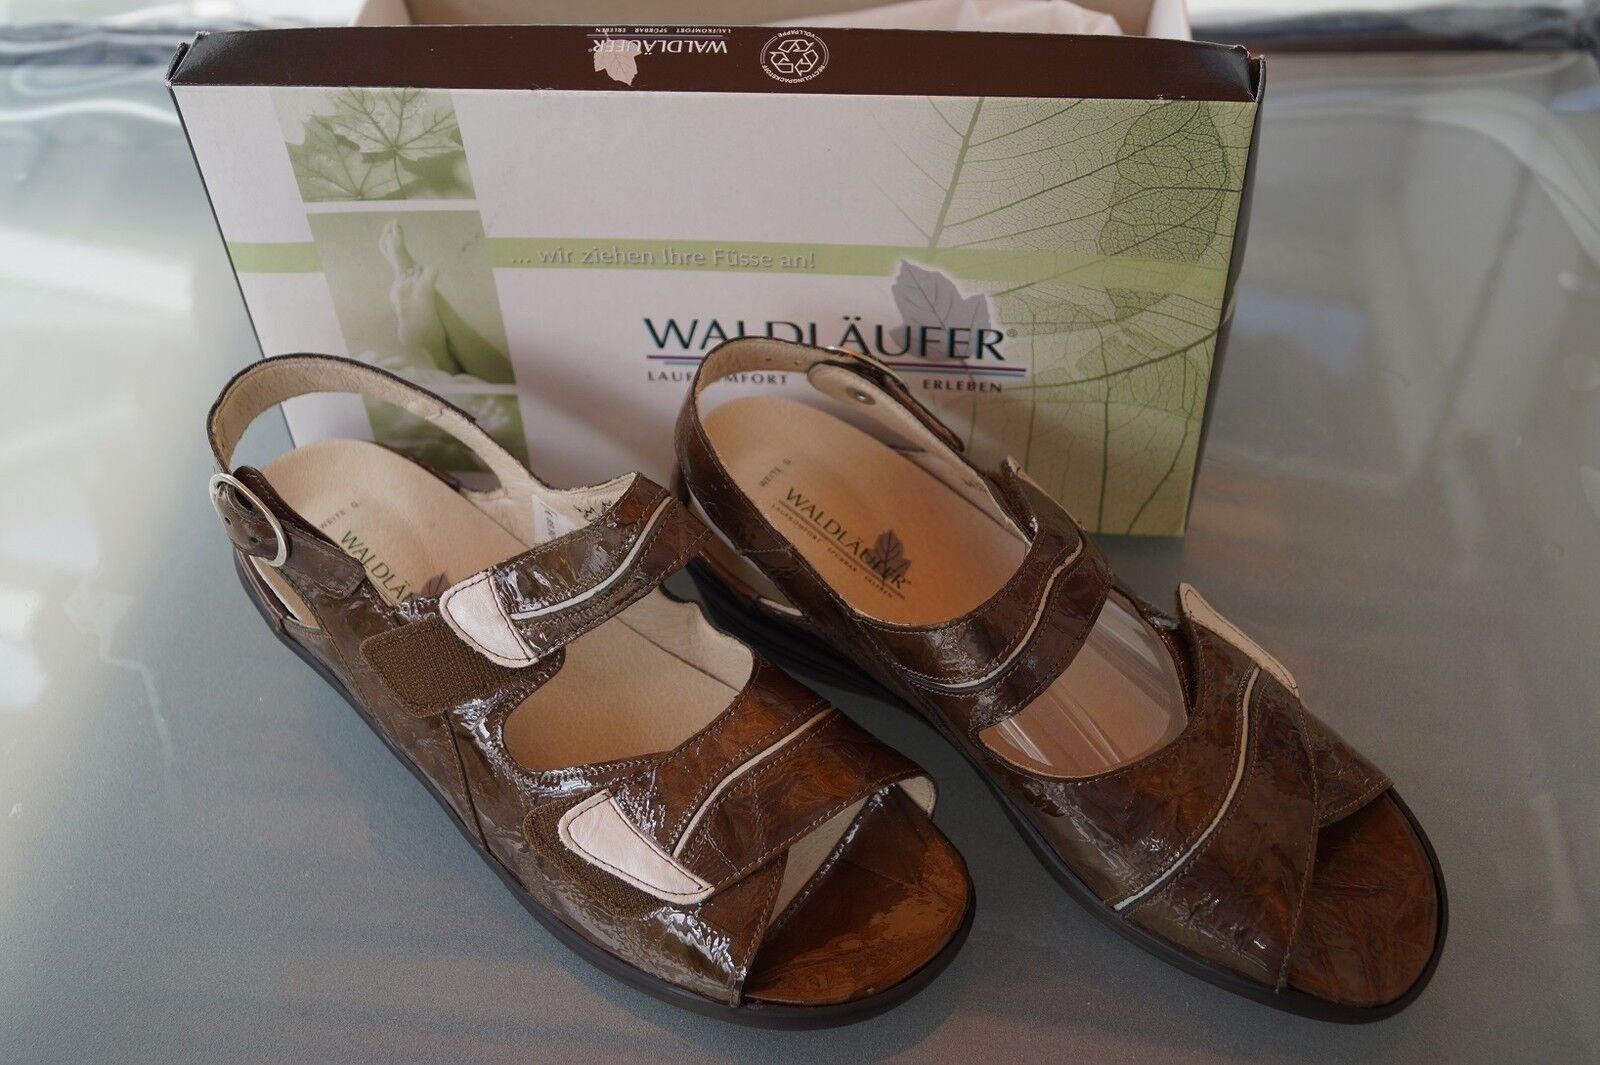 WALDLÄUFER Gilda Damen Sommer Schuhe Comfort Sandale mit Einlagen Gr.4,5 G 37,5